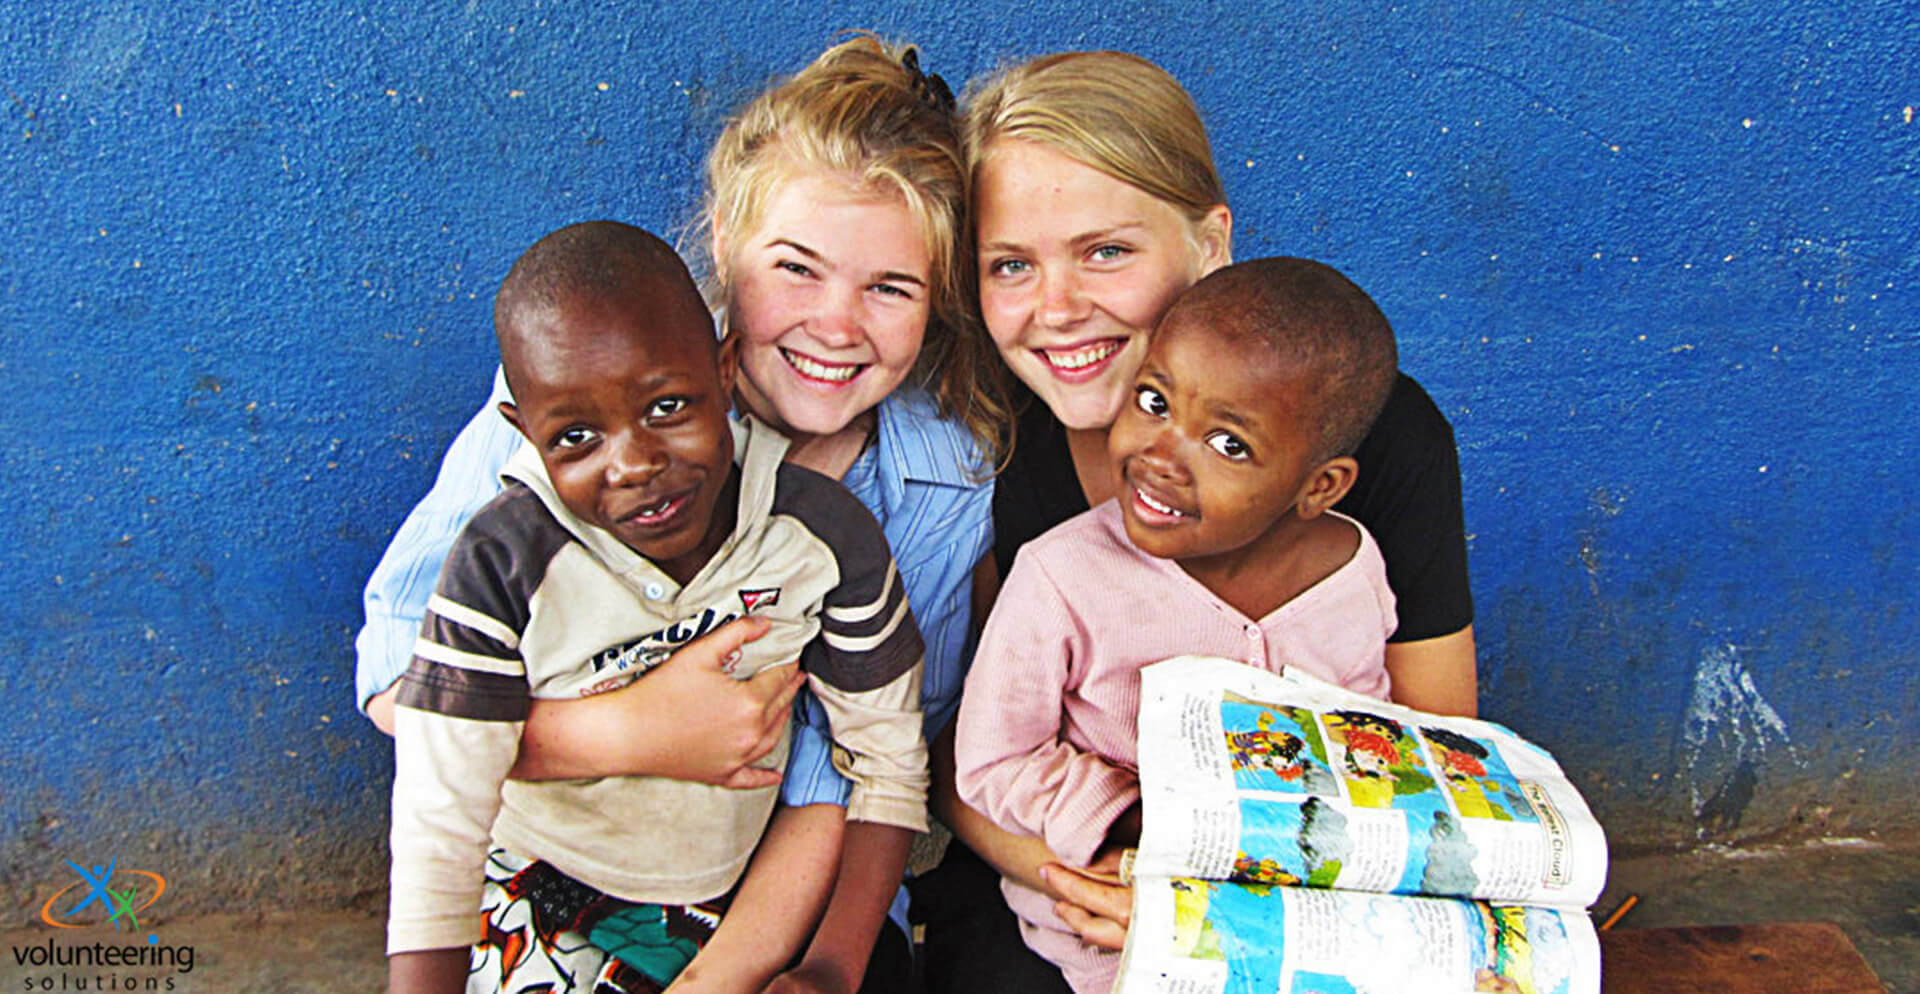 Volunteer in Africa with Volunteering Solutions